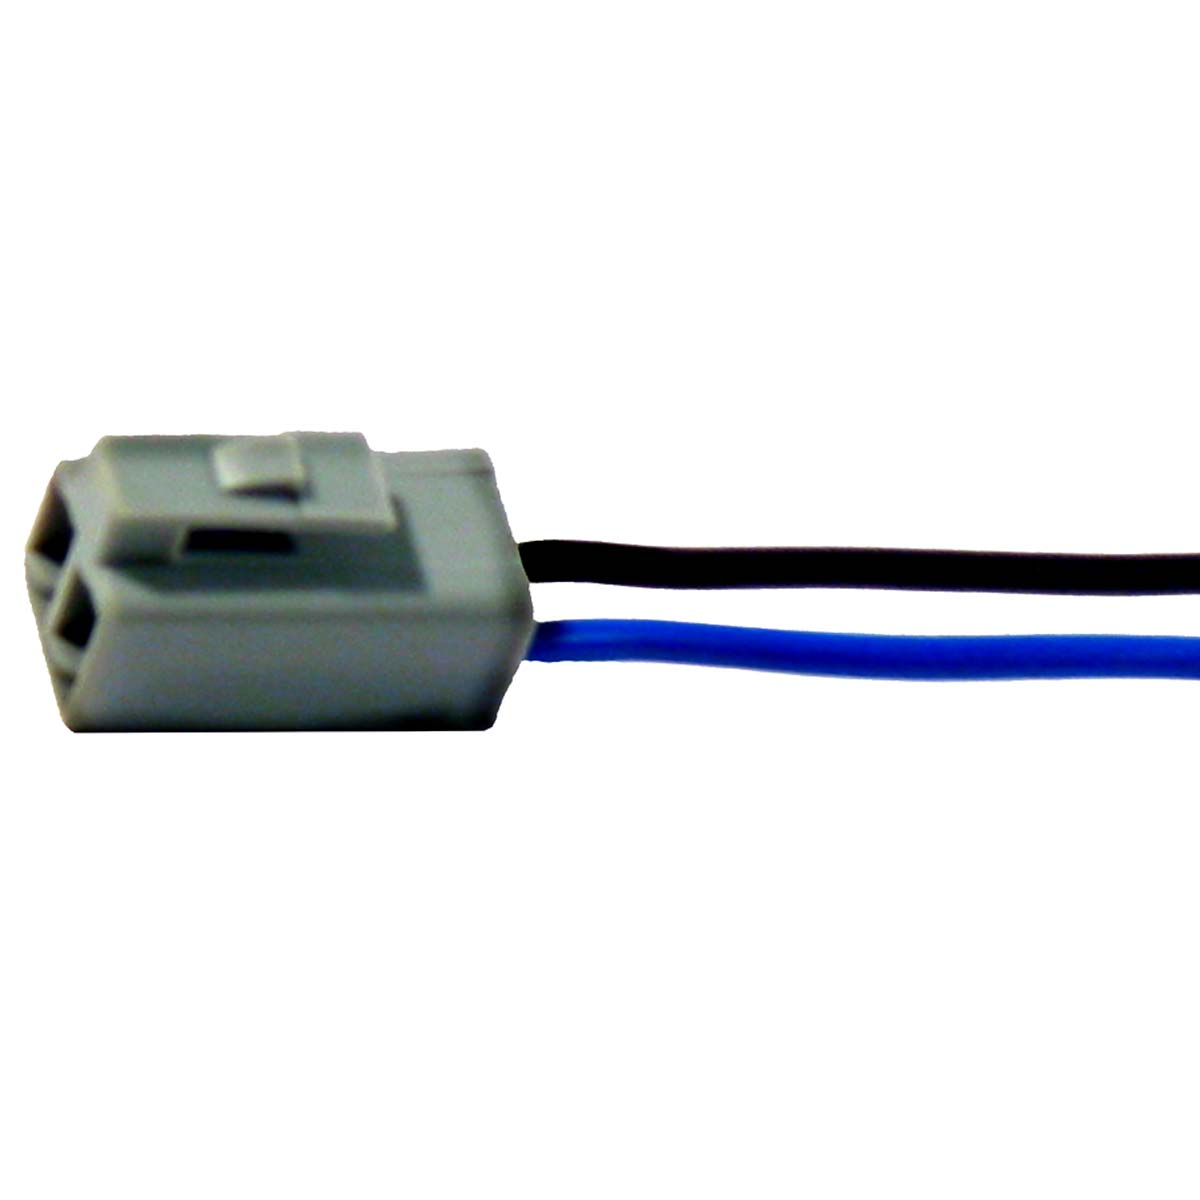 hight resolution of g m alternator pigtail socket assembly